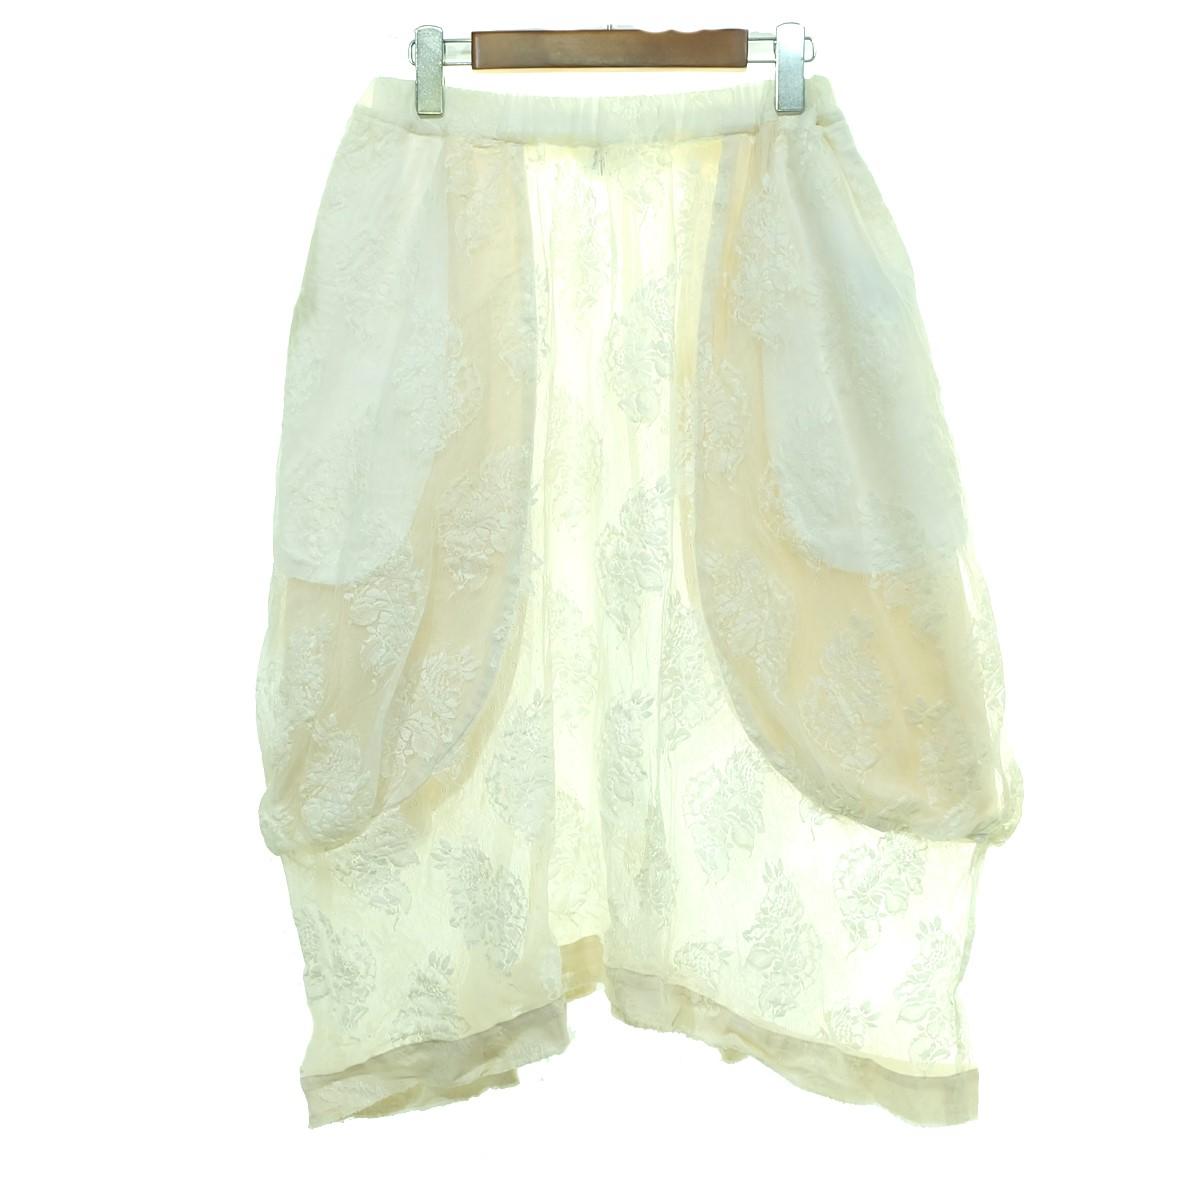 【中古】COMME des GARCONS 17SS レーススカート ホワイト サイズ:S 【140320】(コムデギャルソン)